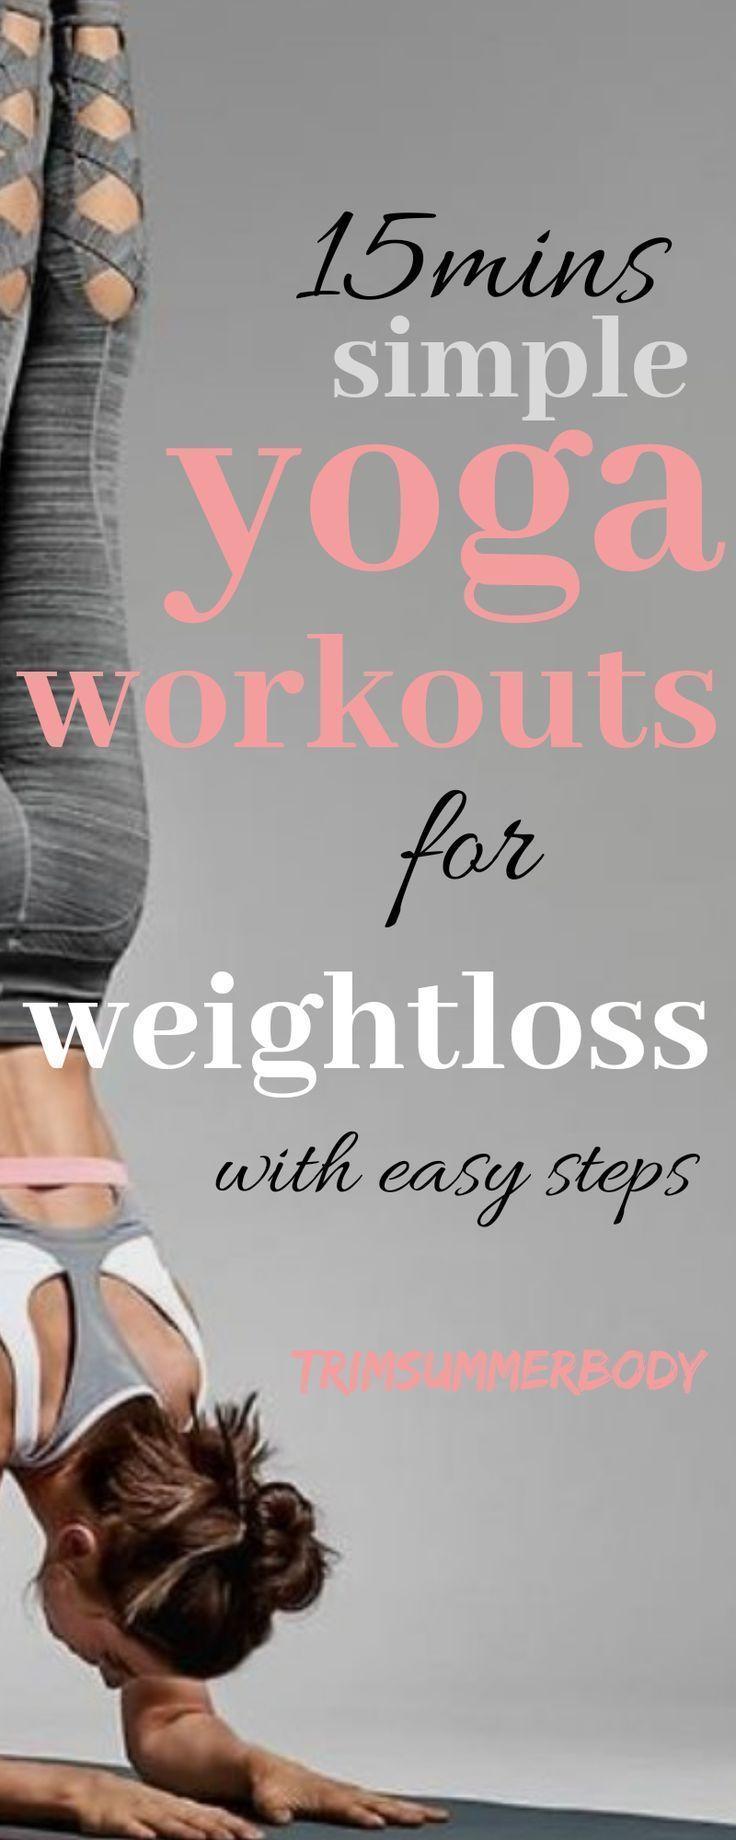 Photo of Gewichtsverlust Yoga für Anfänger, 15 Minuten leichtes Training.   #Anfänger #diettipsforbegi…